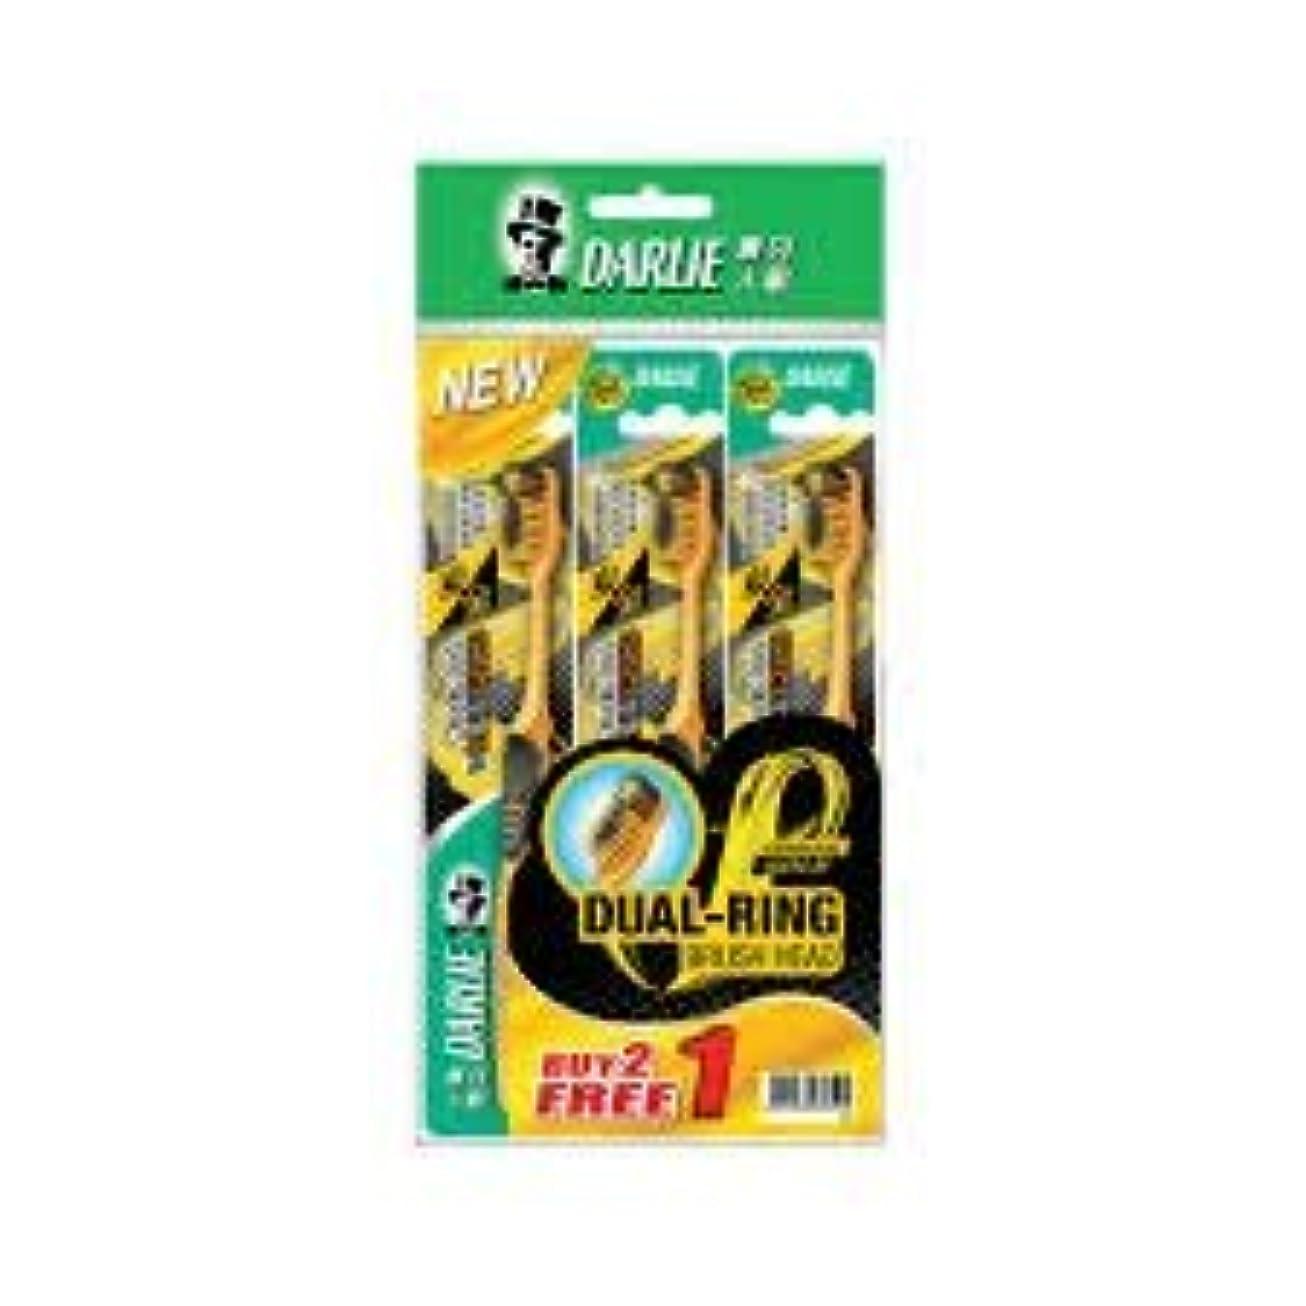 哺乳類処方ありふれたDARLIE 炭の歯ブラシb2f1 - ビス - ヘッドデザイン、深いクリーニングとプラークの蓄積を防止する押えリング